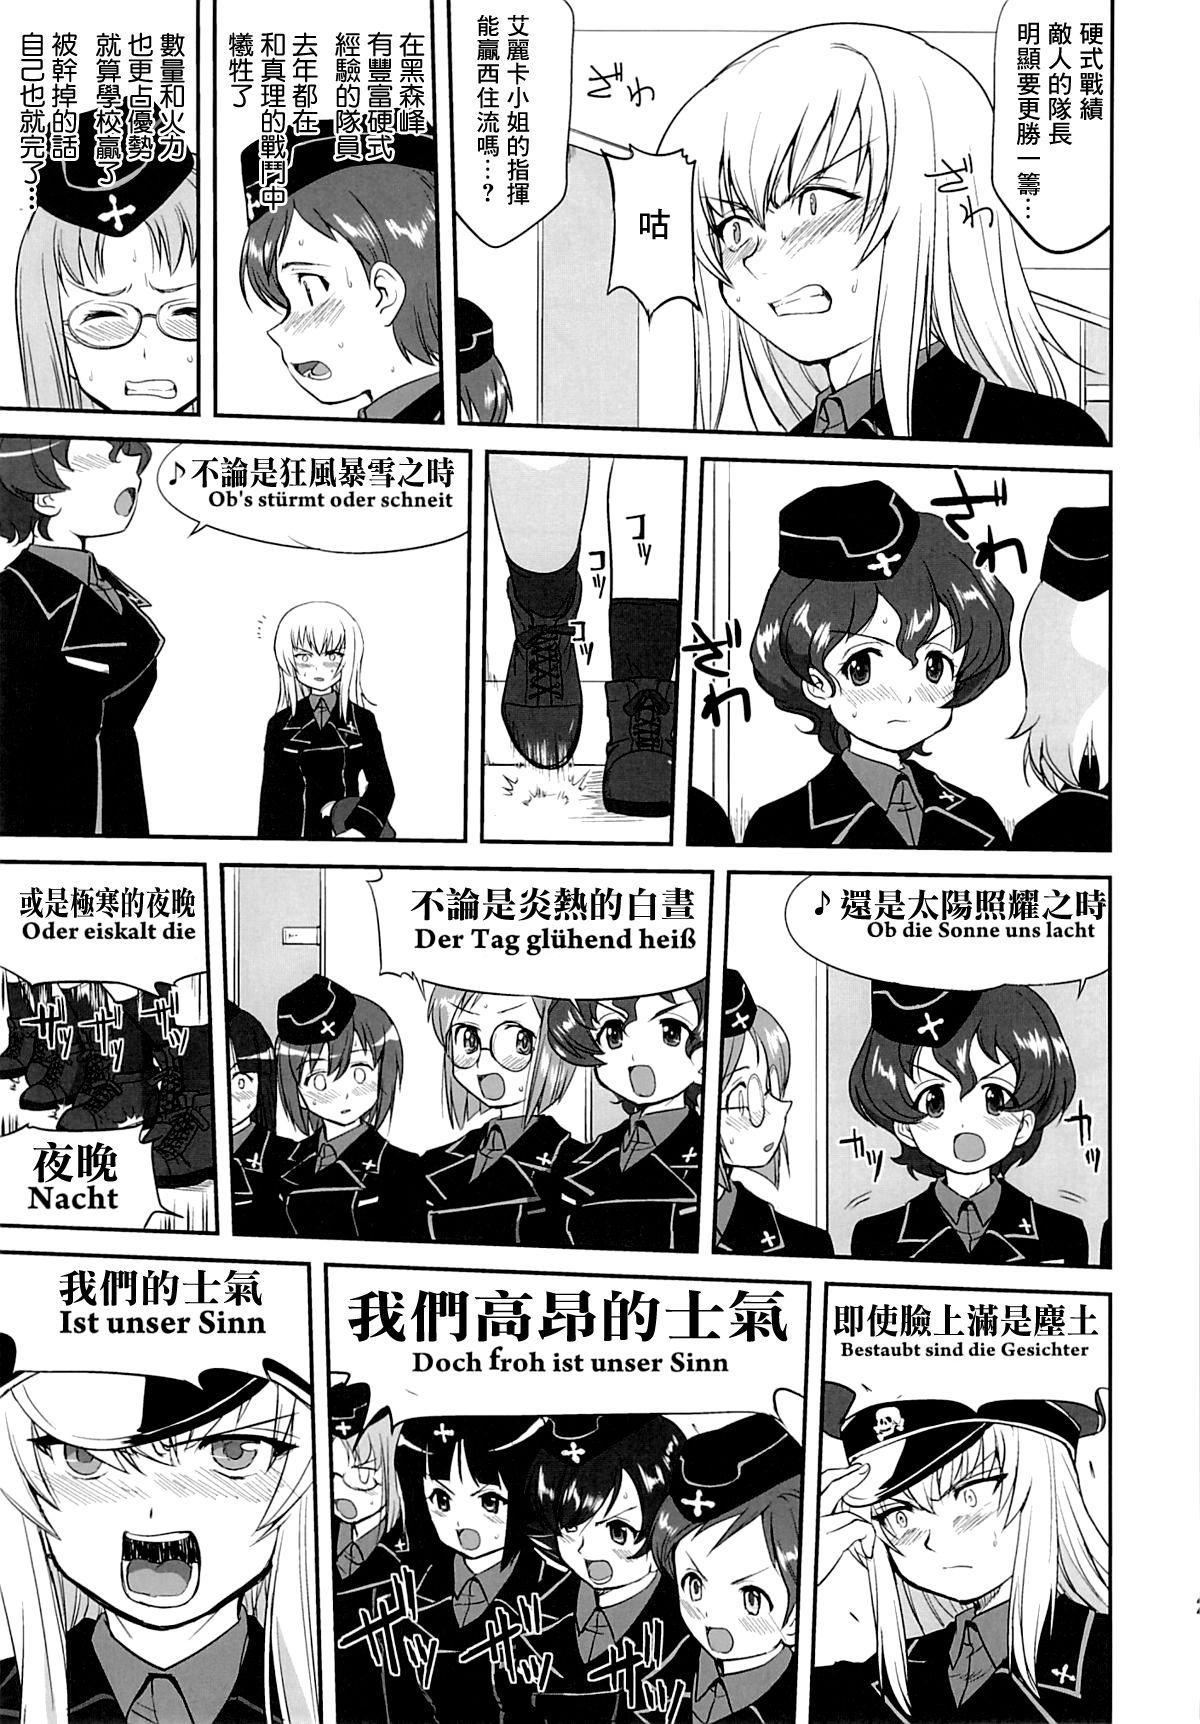 Yukiyukite Senshadou Kuromorimine no Tatakai 19